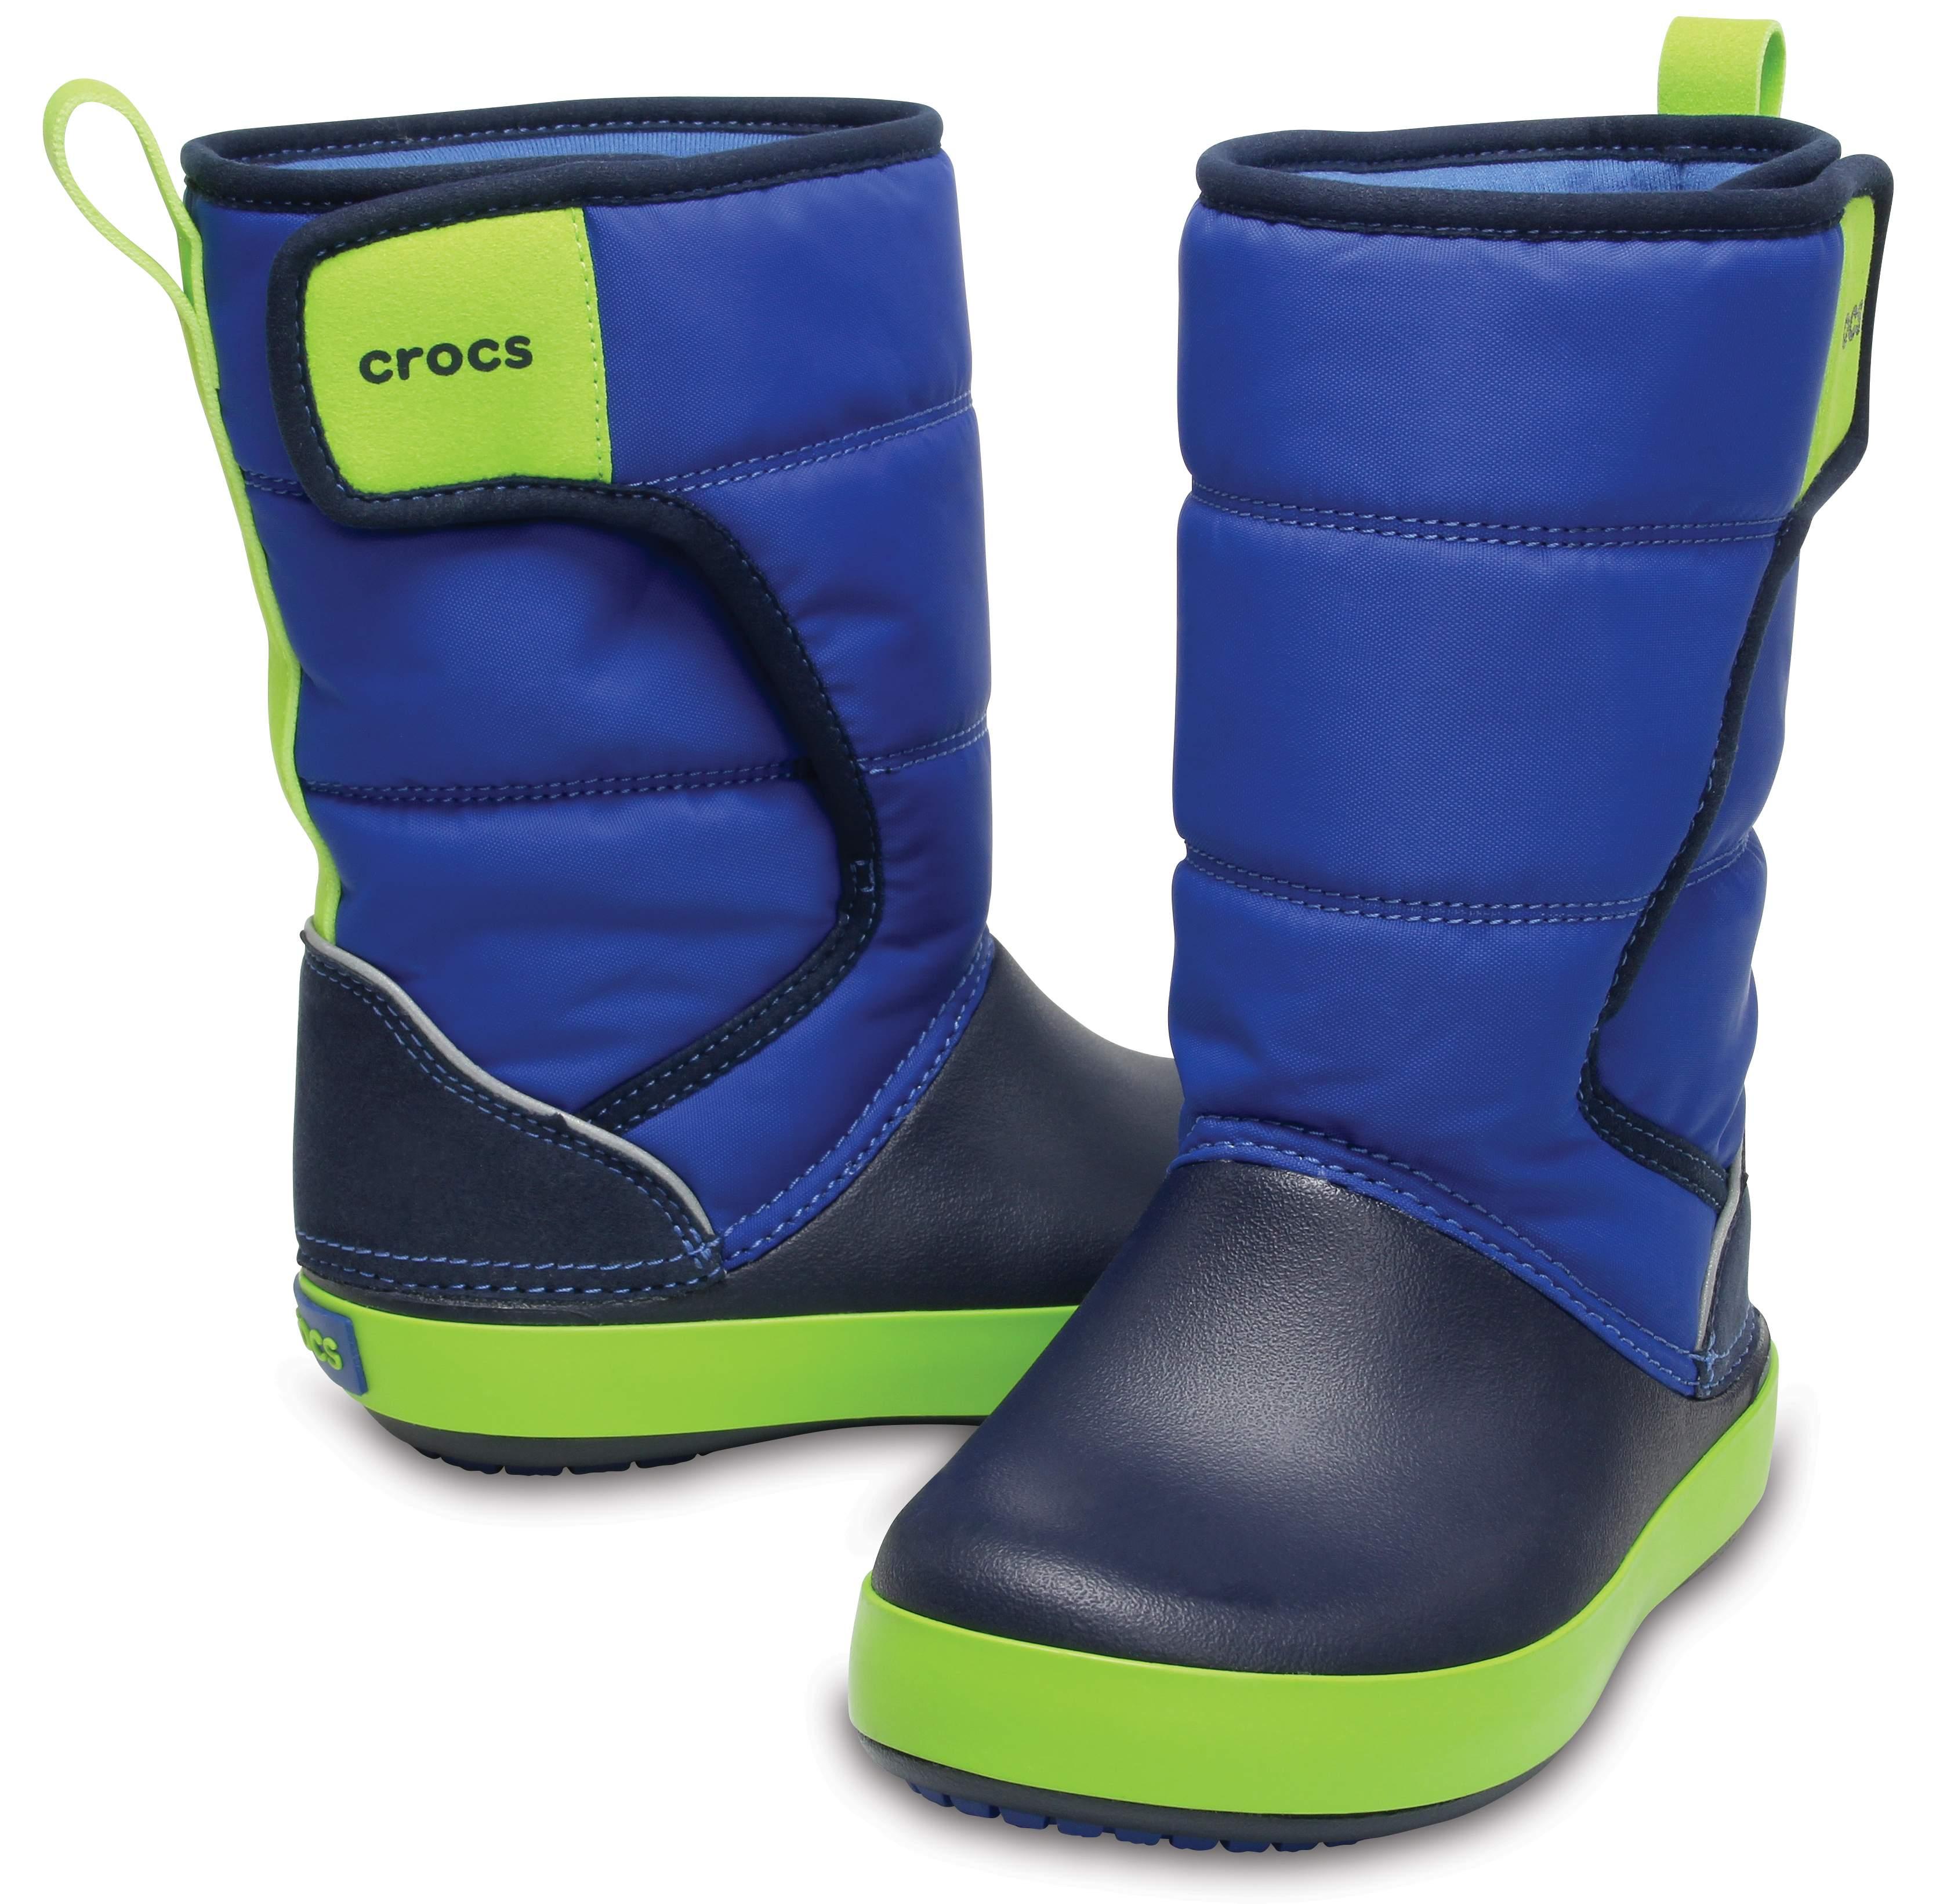 【クロックス公式】 ロッジポイント スノー ブーツ キッズ Kids' LodgePoint Snow Boot ユニセックス、キッズ、子供用、男の子、女の子、男女兼用 ブルー/青 15cm,15.5cm,16.5cm,17.5cm,18cm,18.5cm,19cm,19.5cm,20cm,21cm boot ブーツ 30%OFF